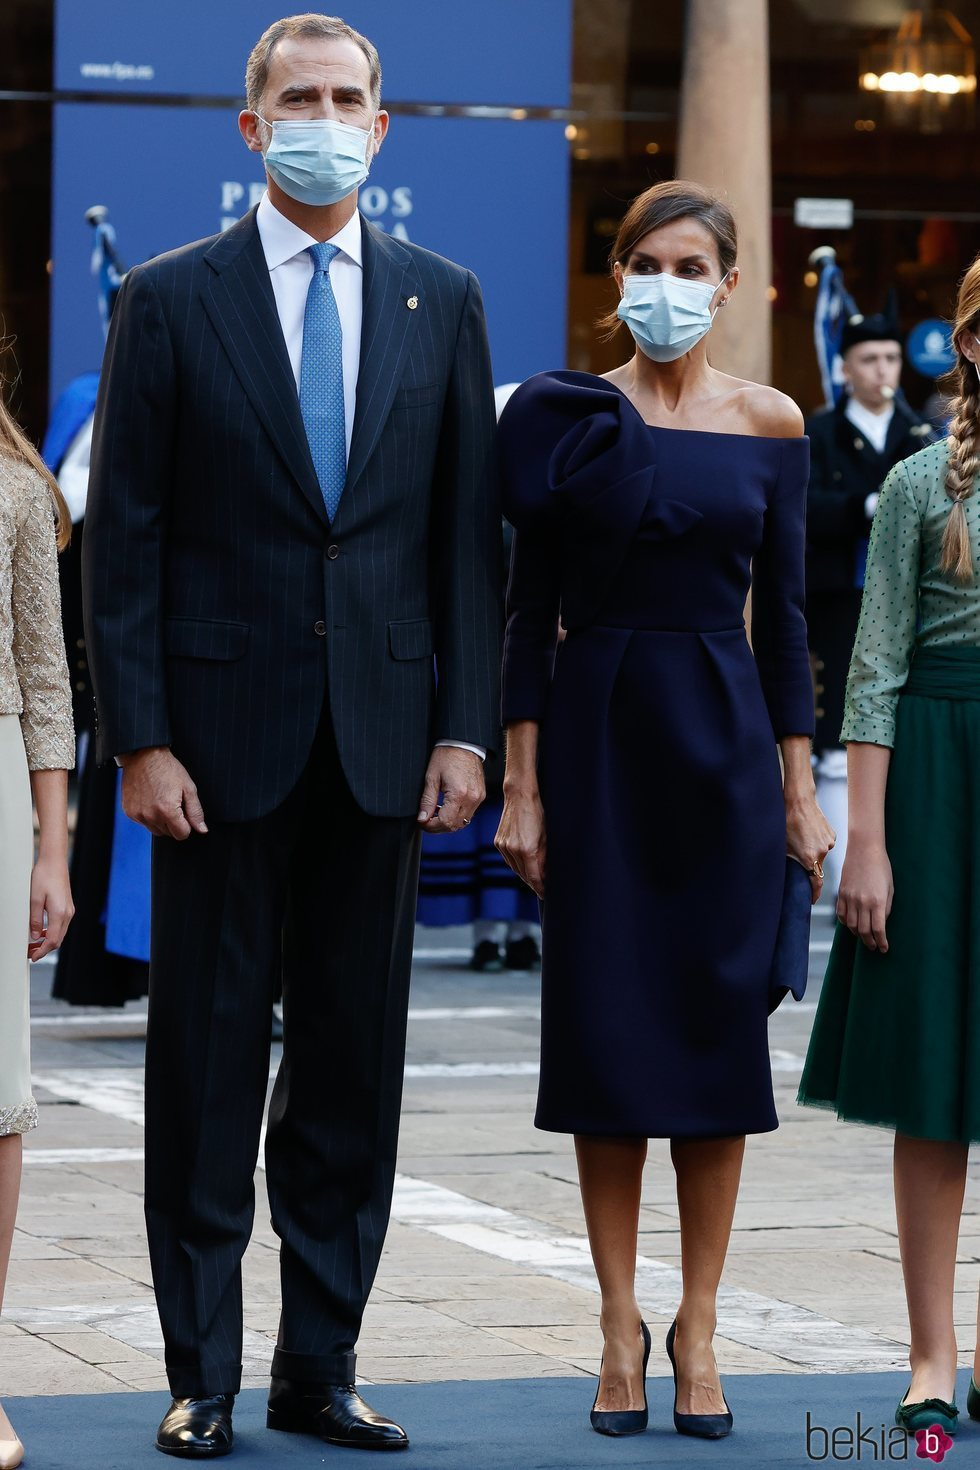 Los Reyes Felipe y Letizia en los Premios Princesa de Asturias 2020